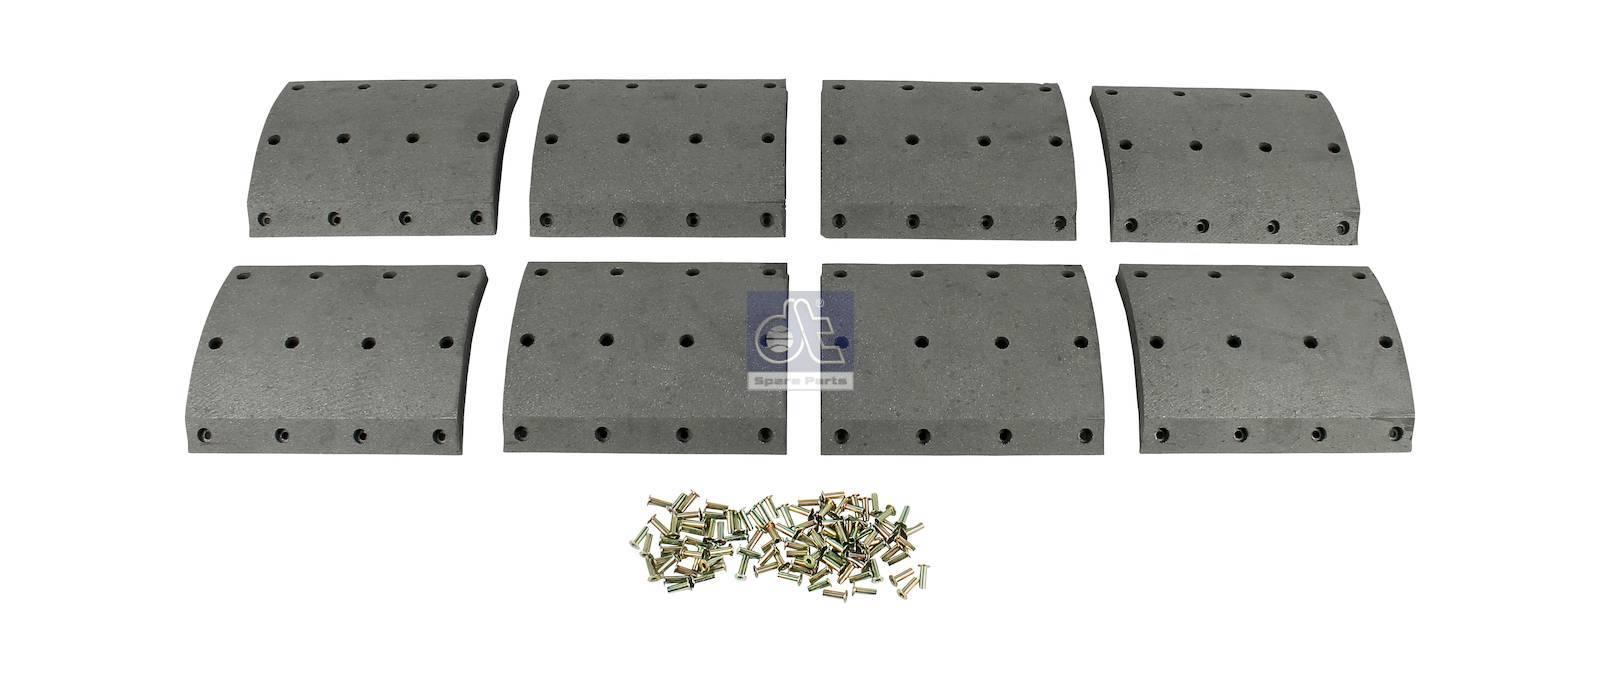 Drum brake lining kit, axle kit